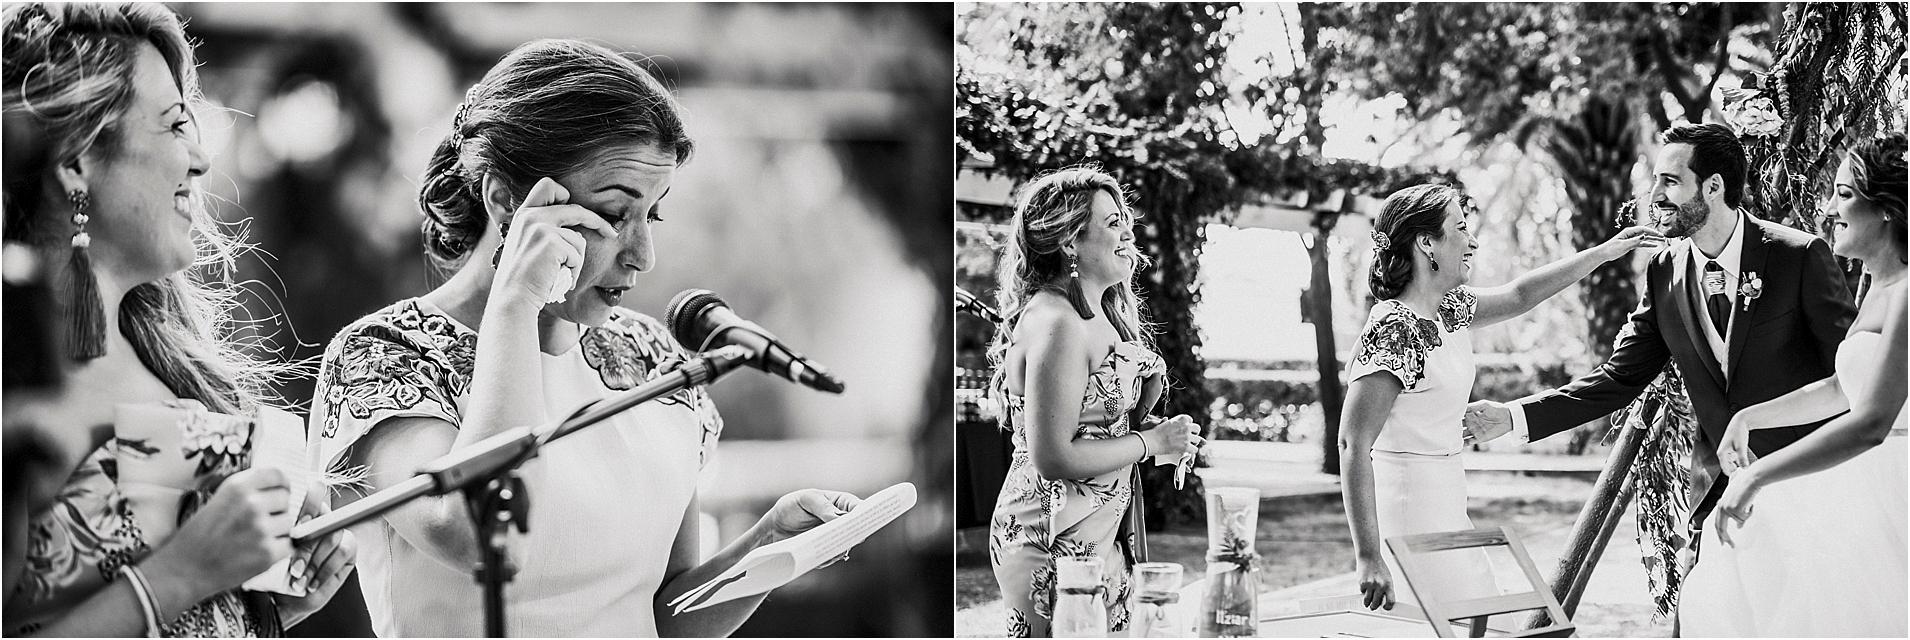 Fotografos-de-boda-donostia-zaragoza-san-sebastian-destination-wedding-photographer-58.jpg